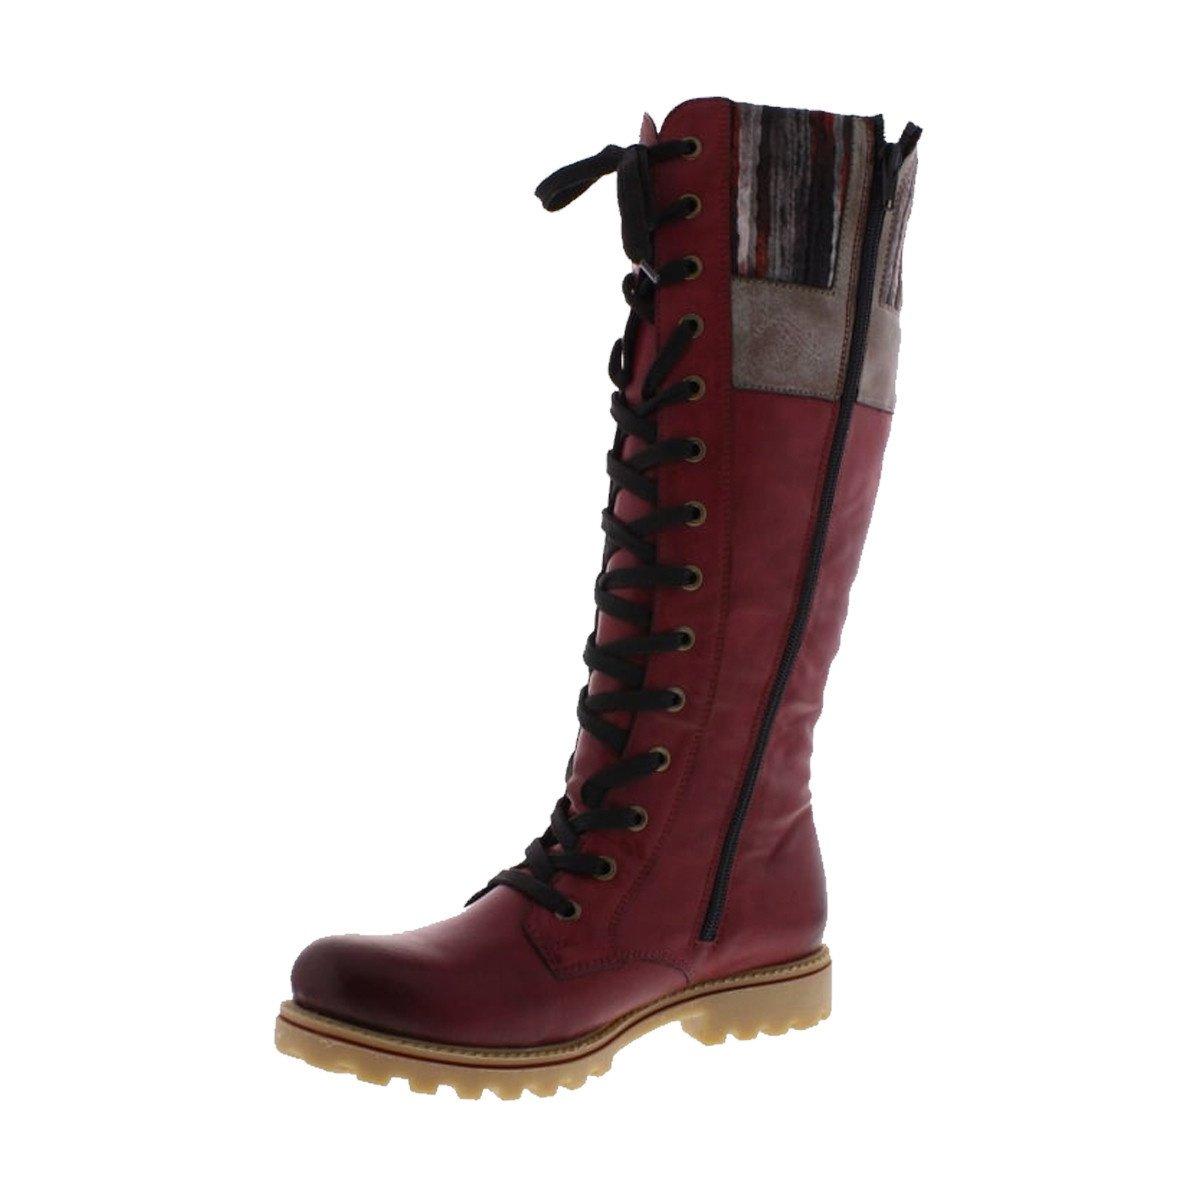 Rieker Rieker Women's Z1442-35 Tall Boot Red